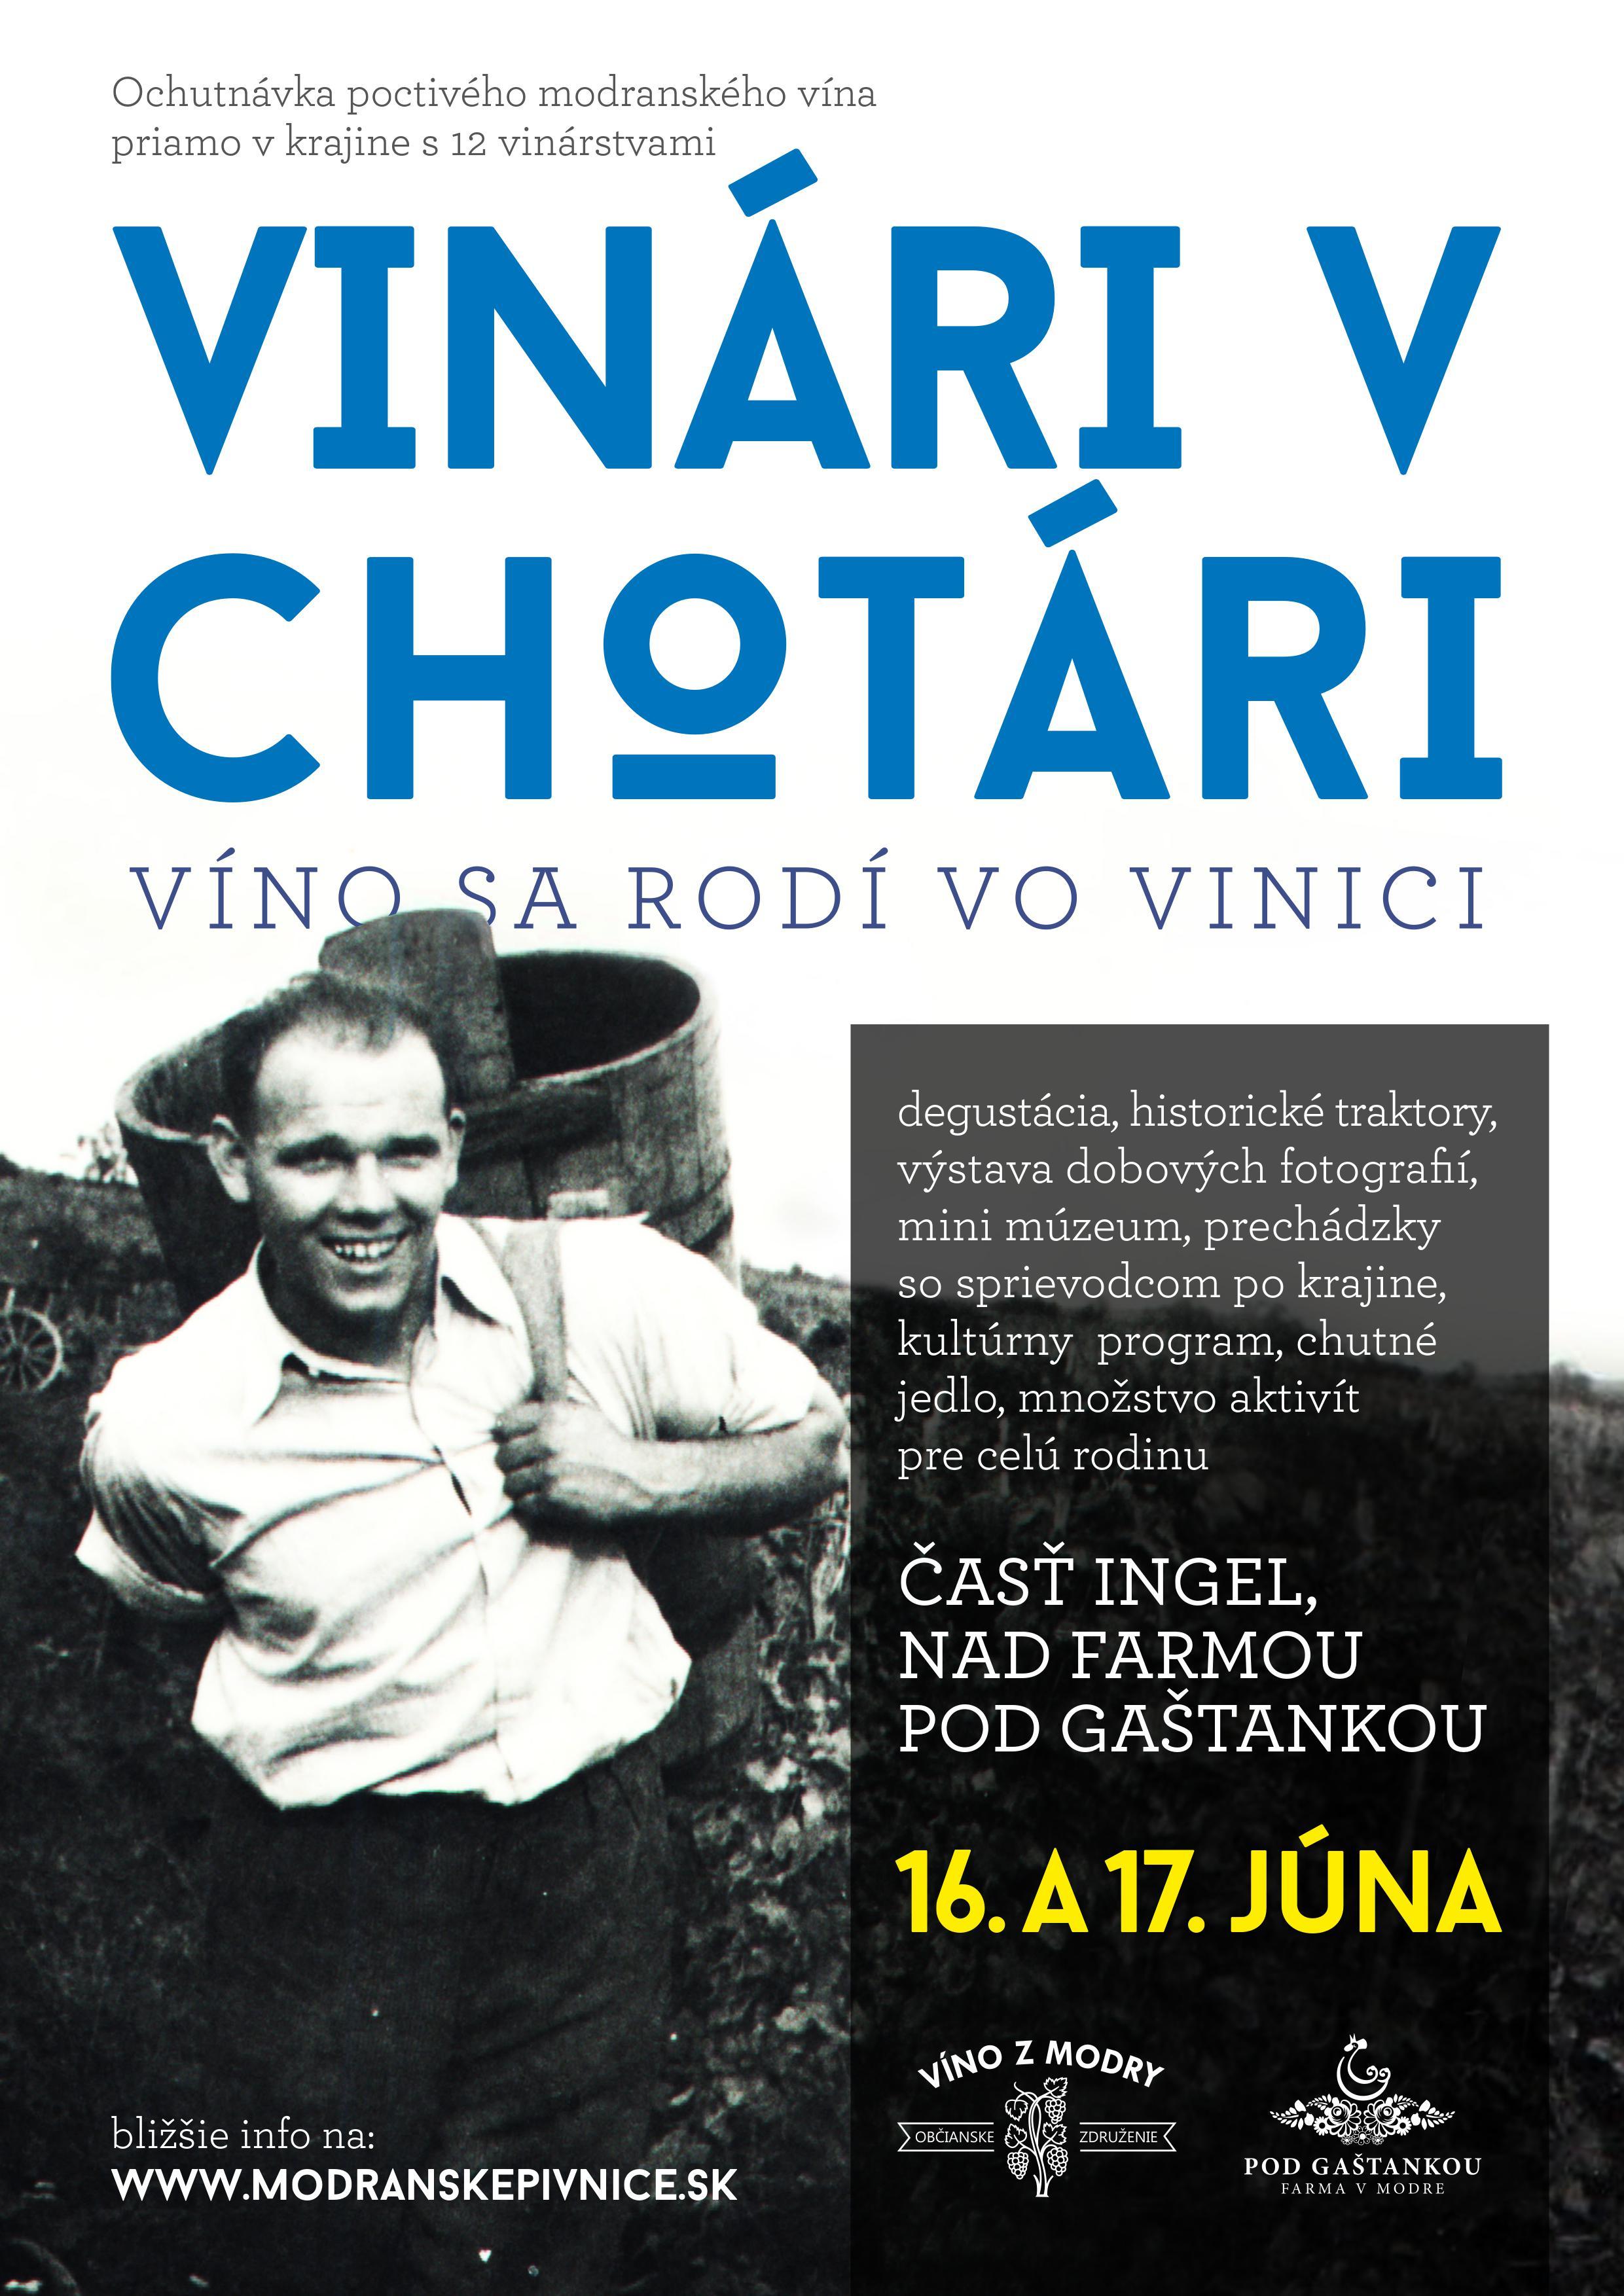 vinari_v_chotari_2017